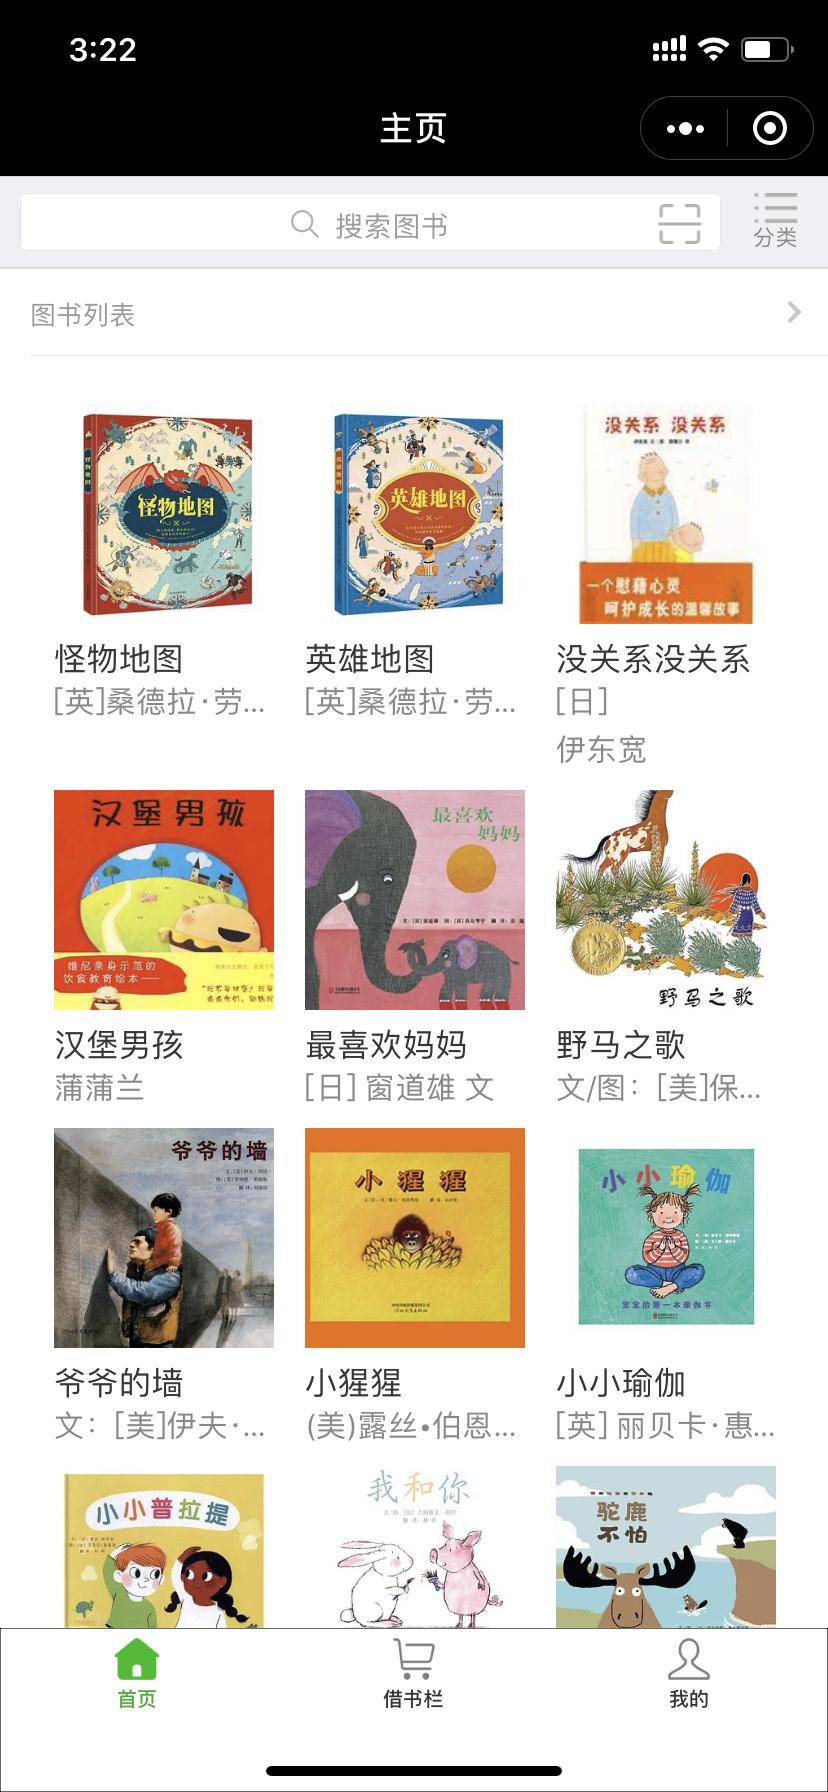 童书绘本借阅管理